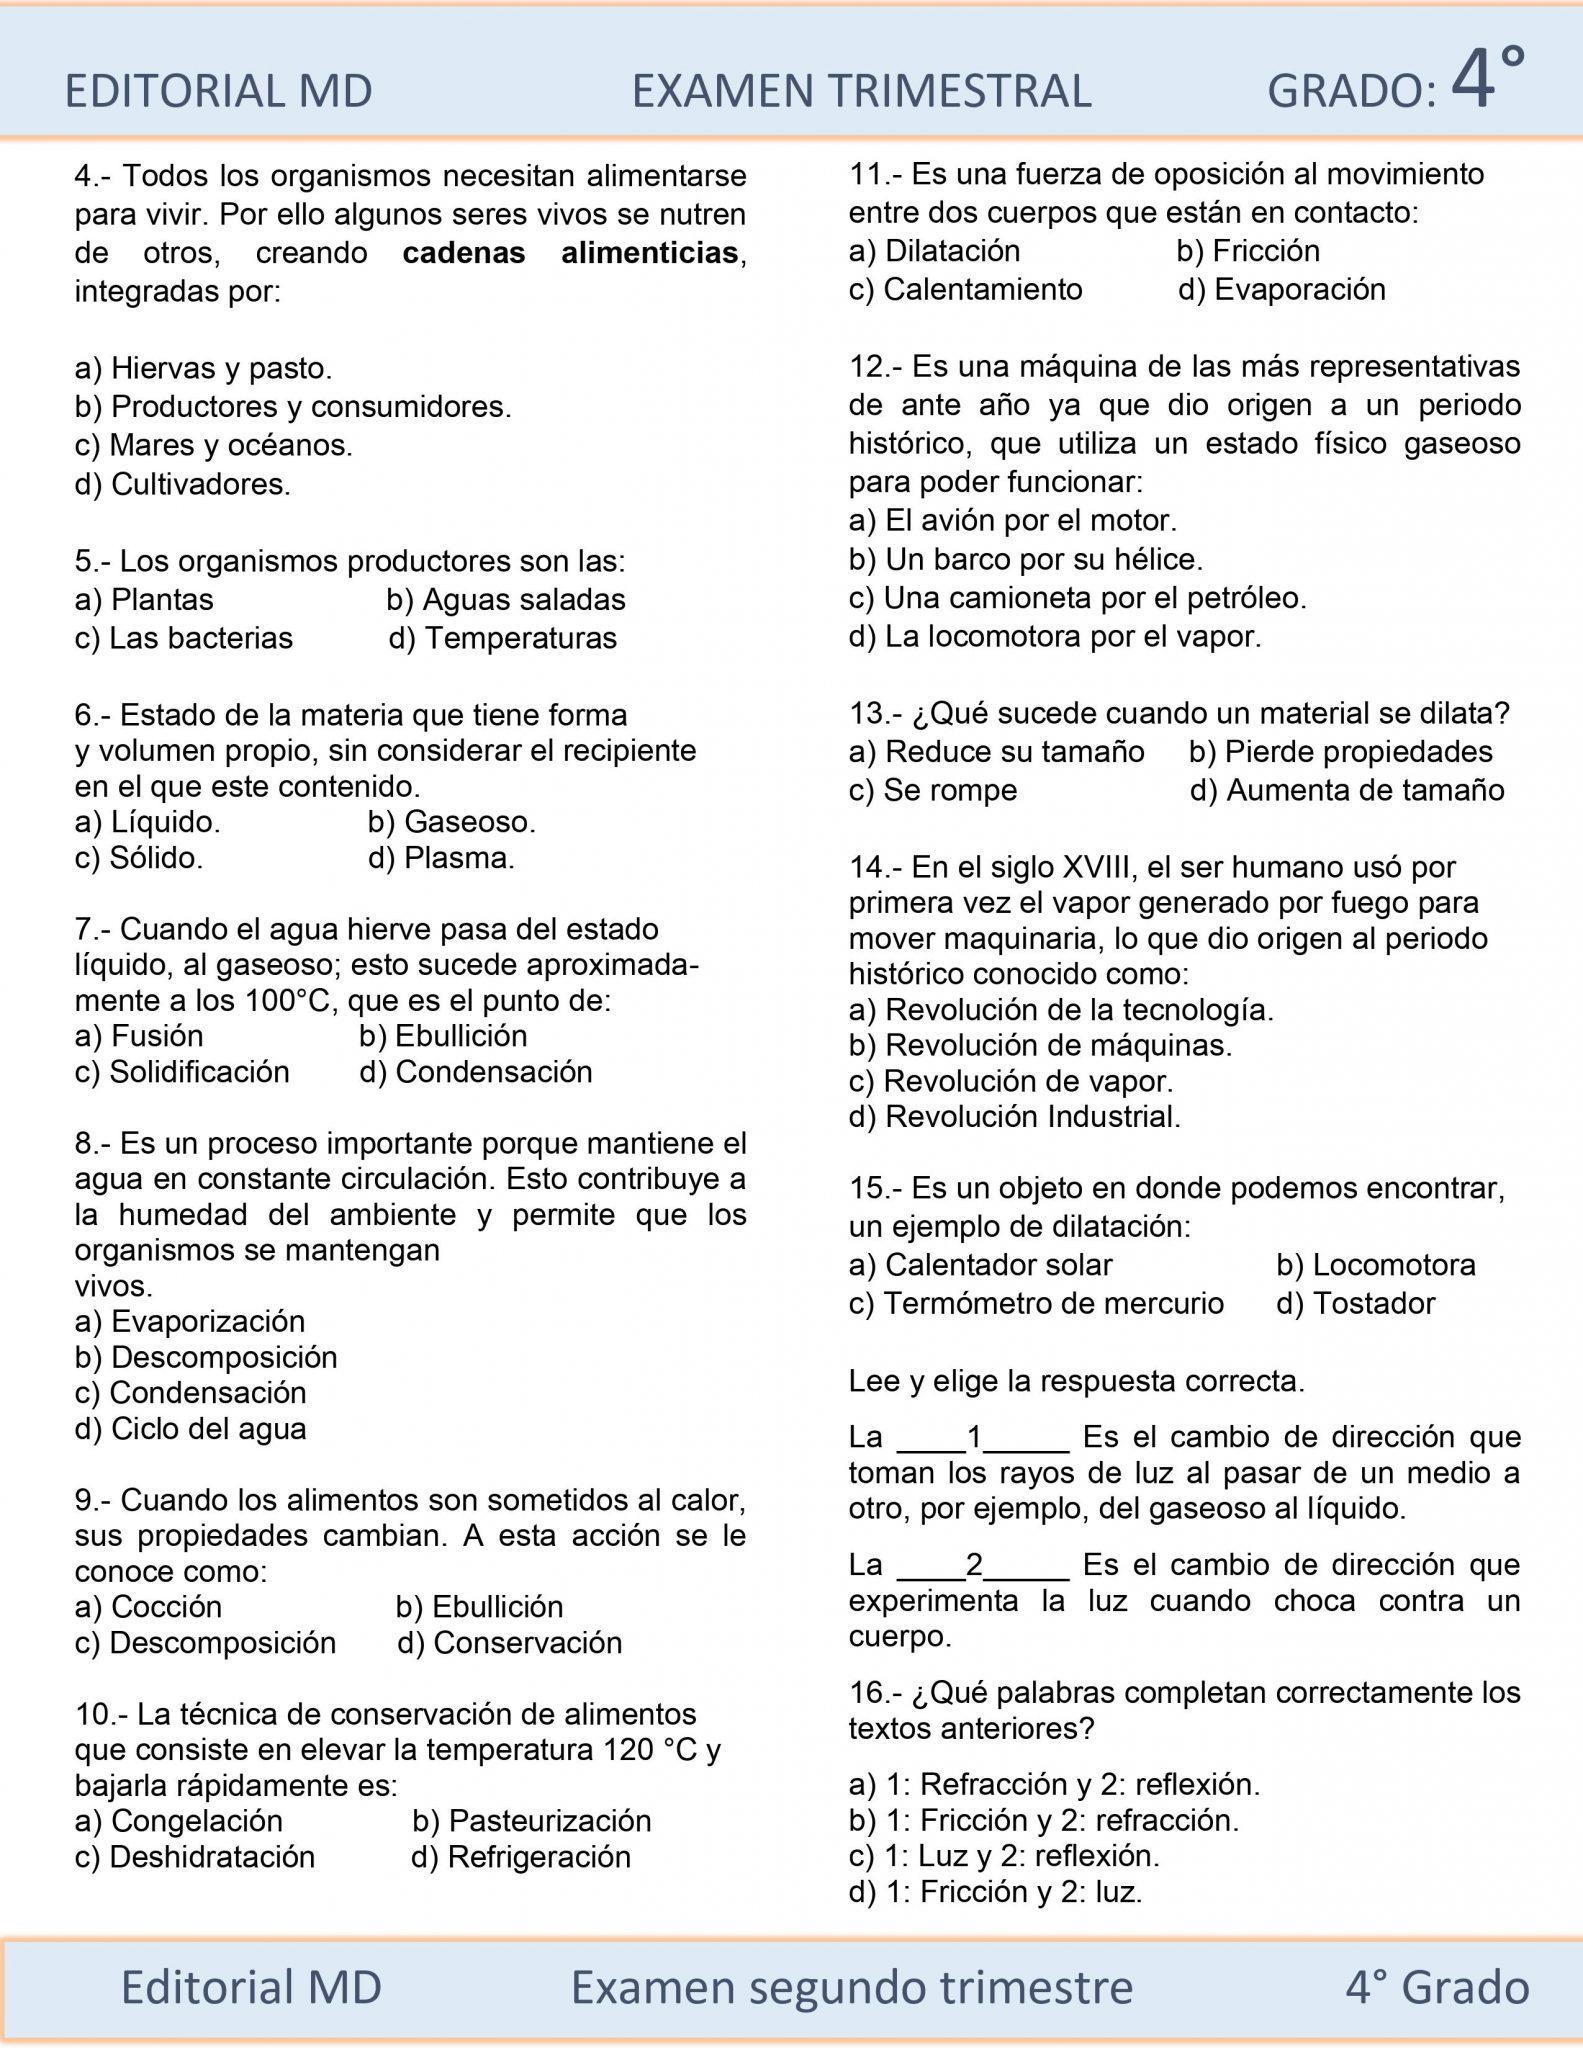 EJEMPLO EXAMEN DE PRIMARIA CUARTO GRADO 05